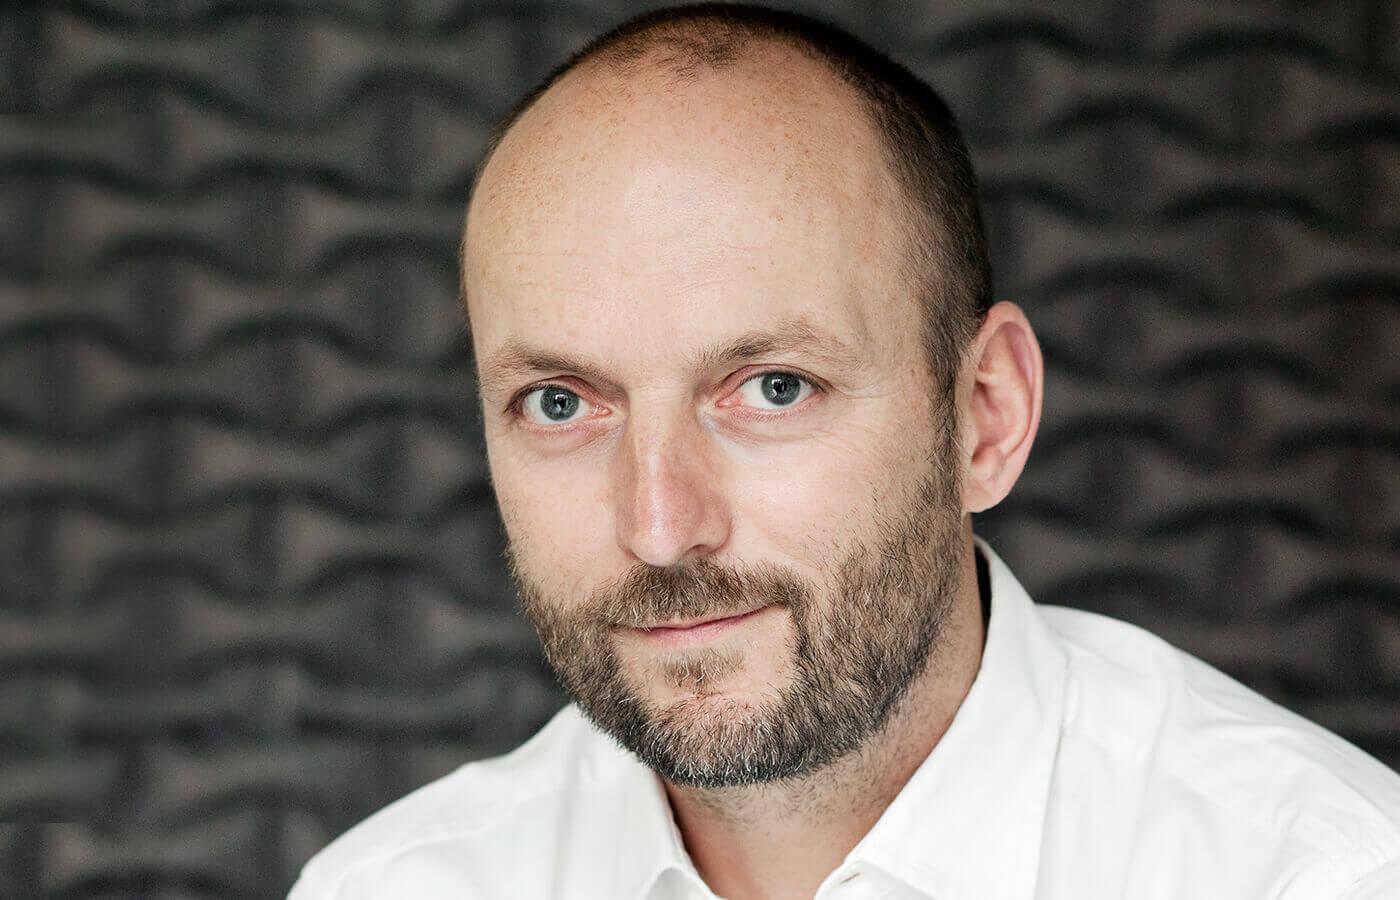 Lorenz Mayr, Fachanwalt für Arbeitsrecht